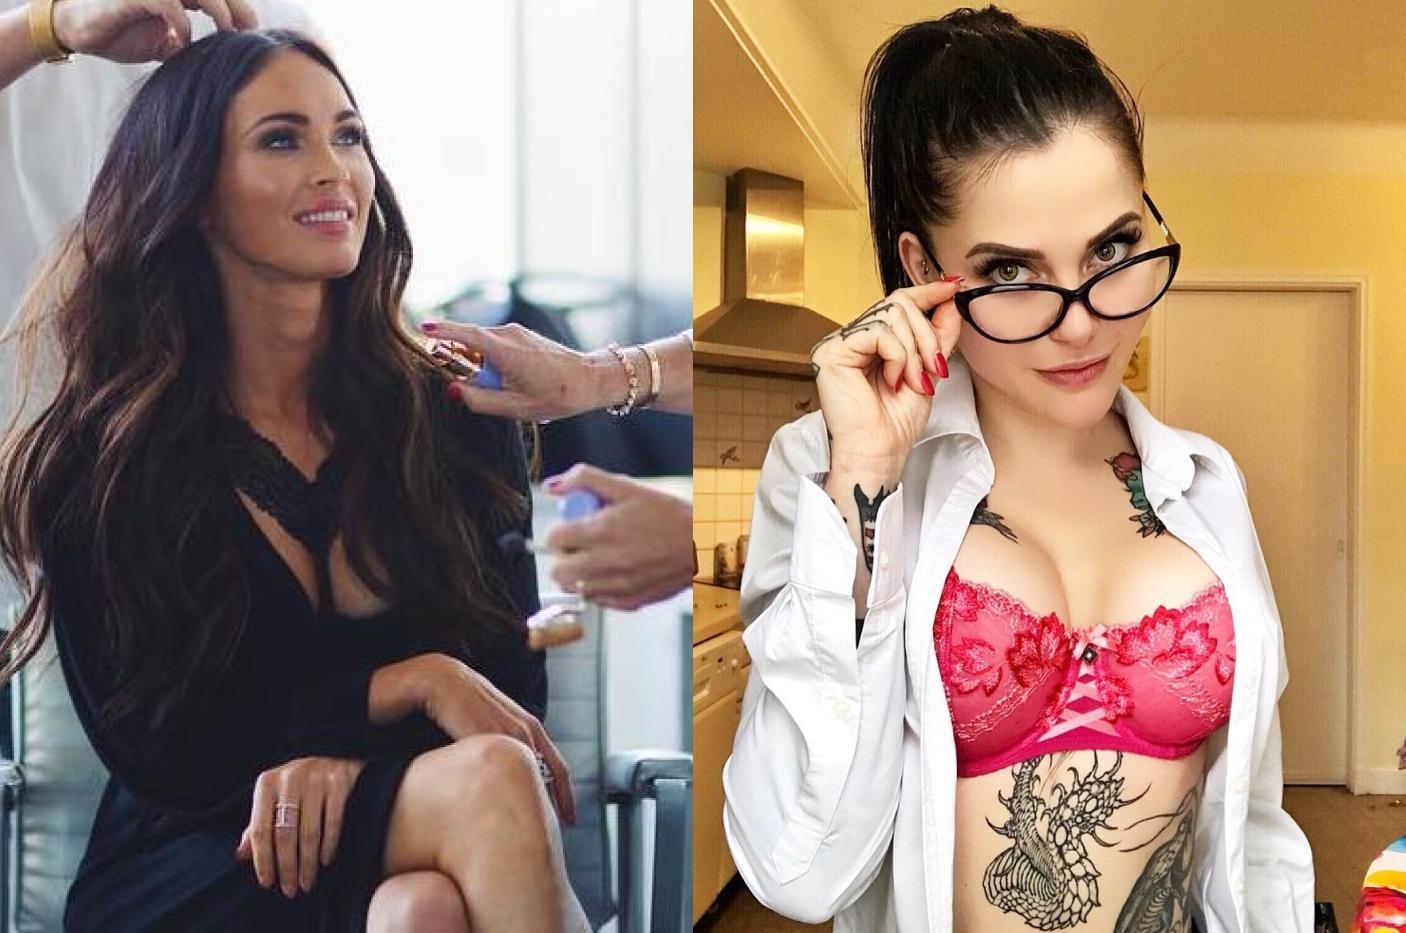 Модель сделала всё возможное, чтобы не быть похожей на Меган Фокс, и теперь всё её тело в татуировках